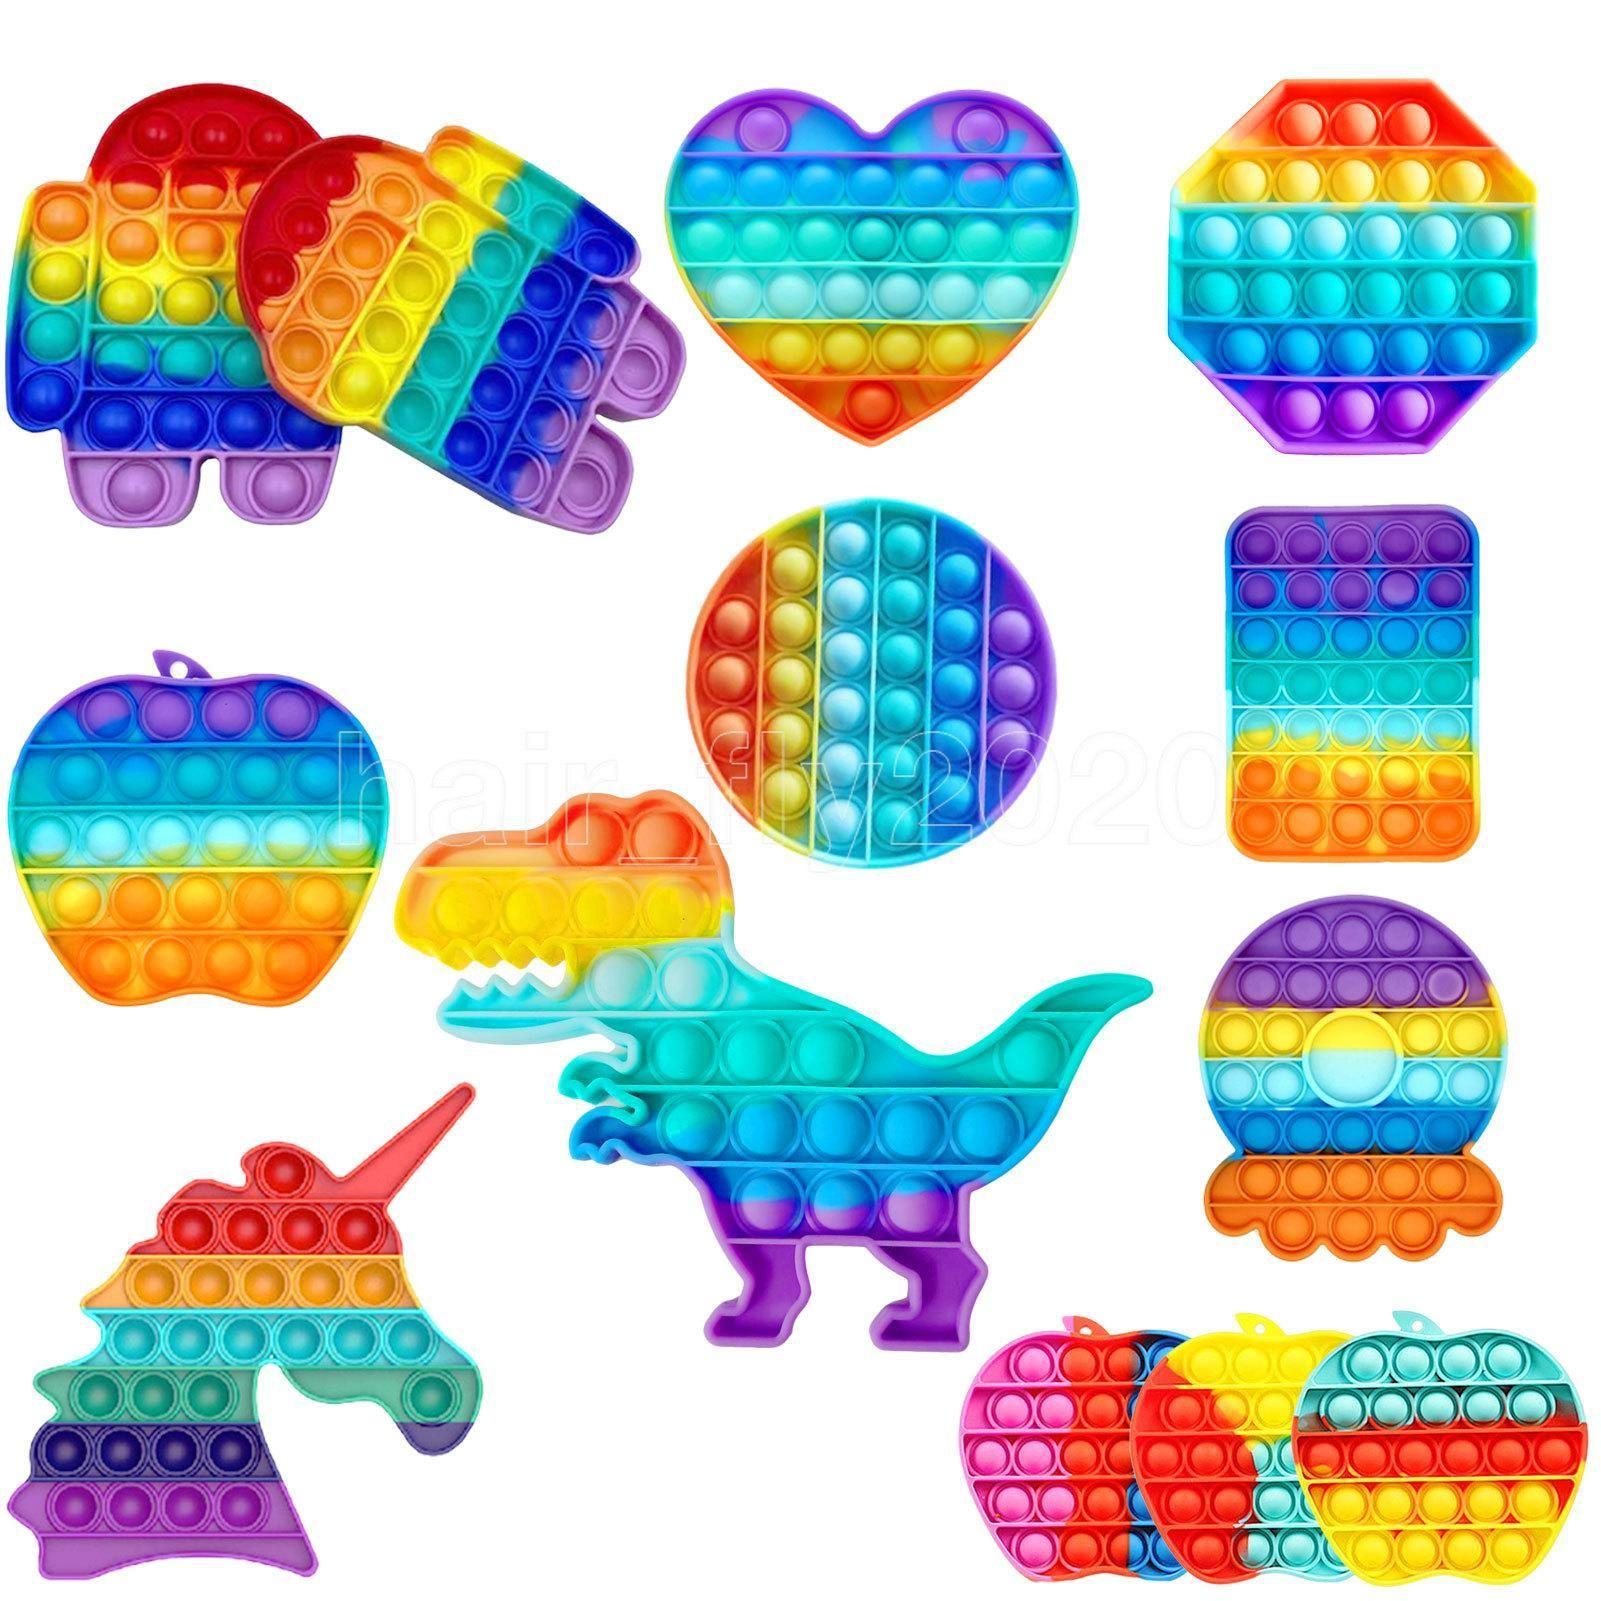 Reversible Flip Push Bubble Sensory Zappget Spielzeug Autismus Sonderbedürfnisse Stresseinlagerung, Sinnesspielzeug großartig für das alte und